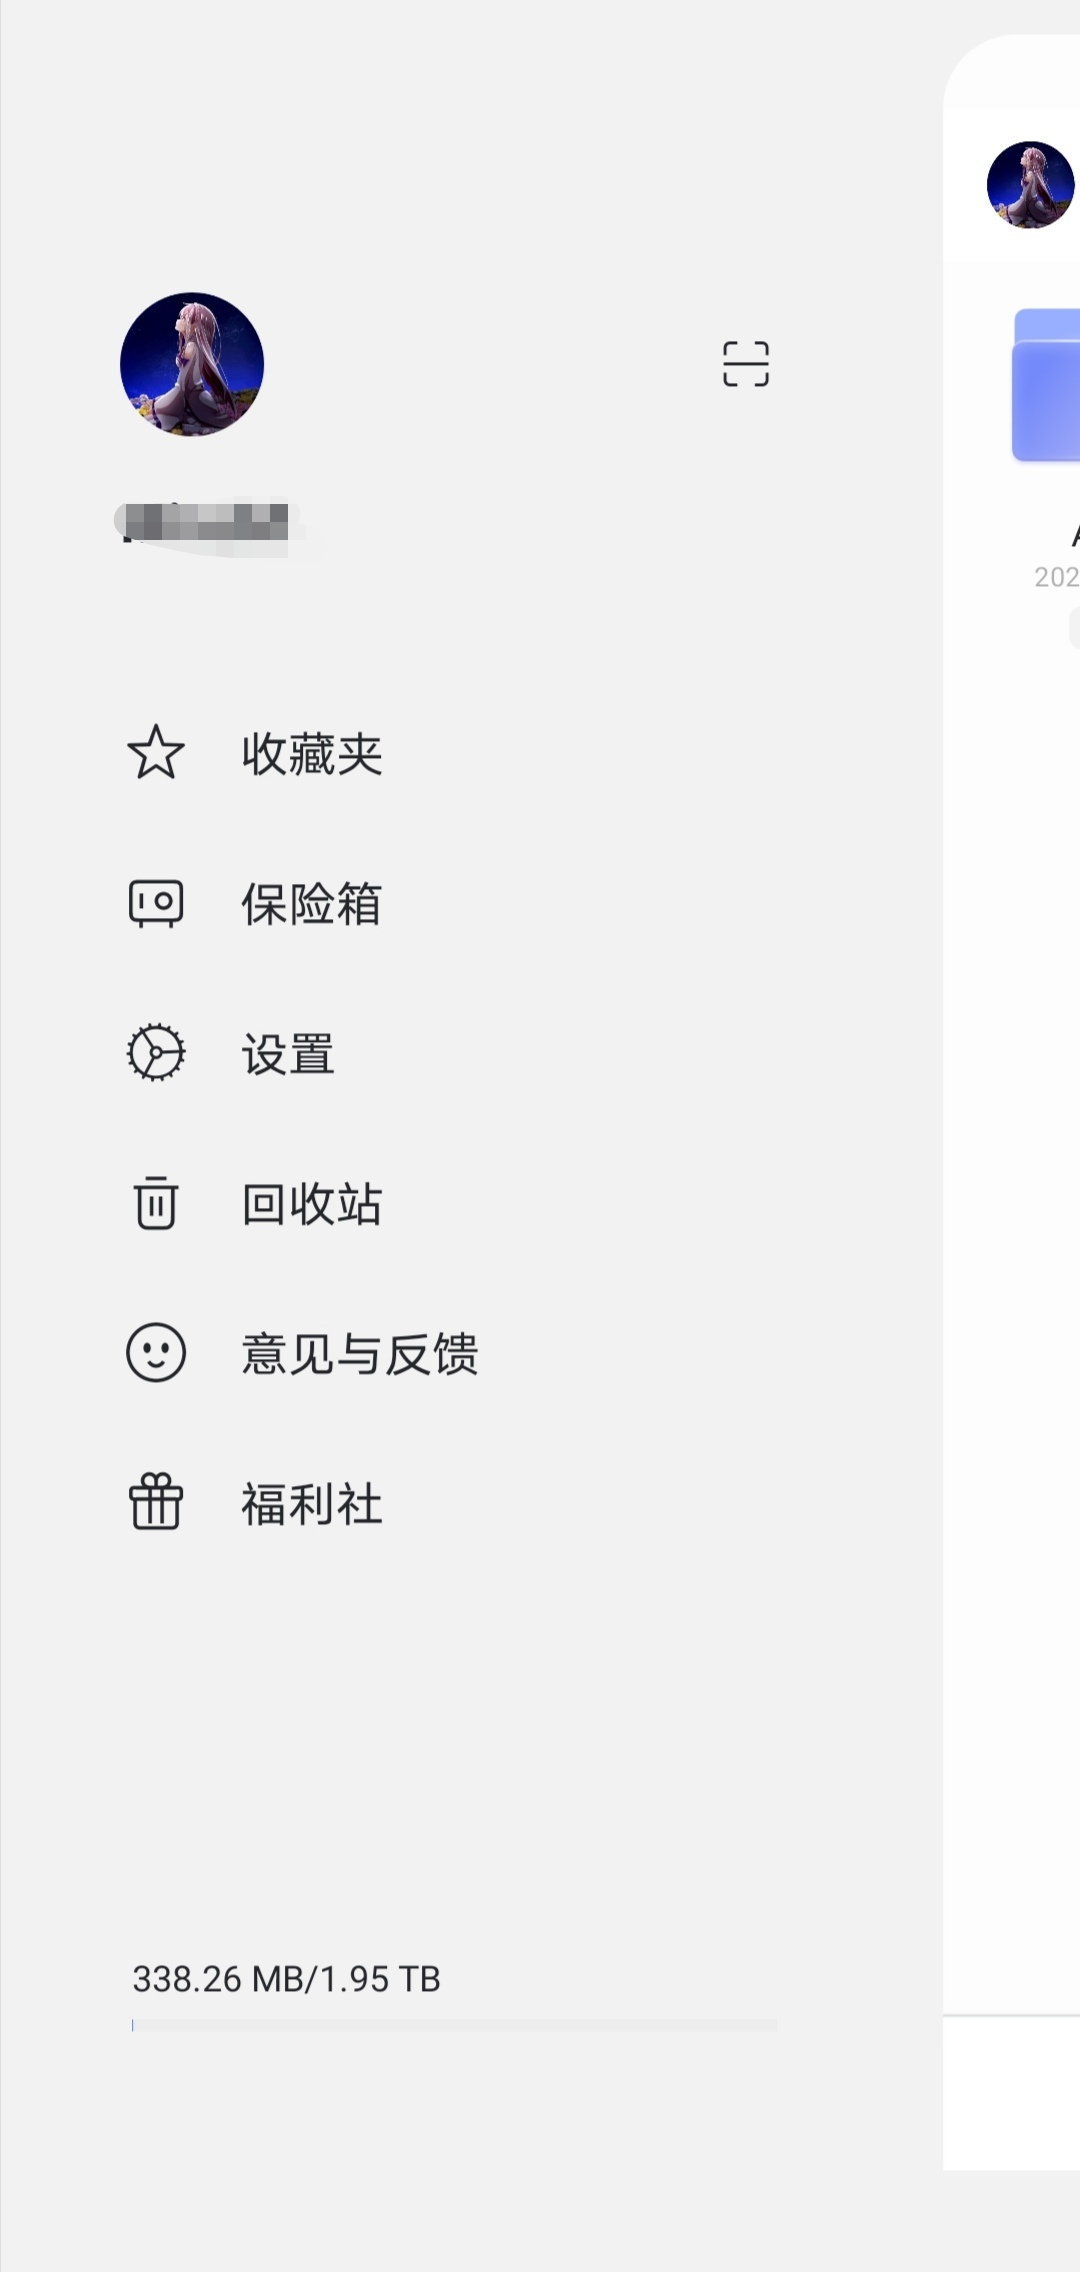 辅助岛 阿里云盘公测版(目前无任何收费,不限速,可白嫖2T空间)  精品软件 cnUpz6